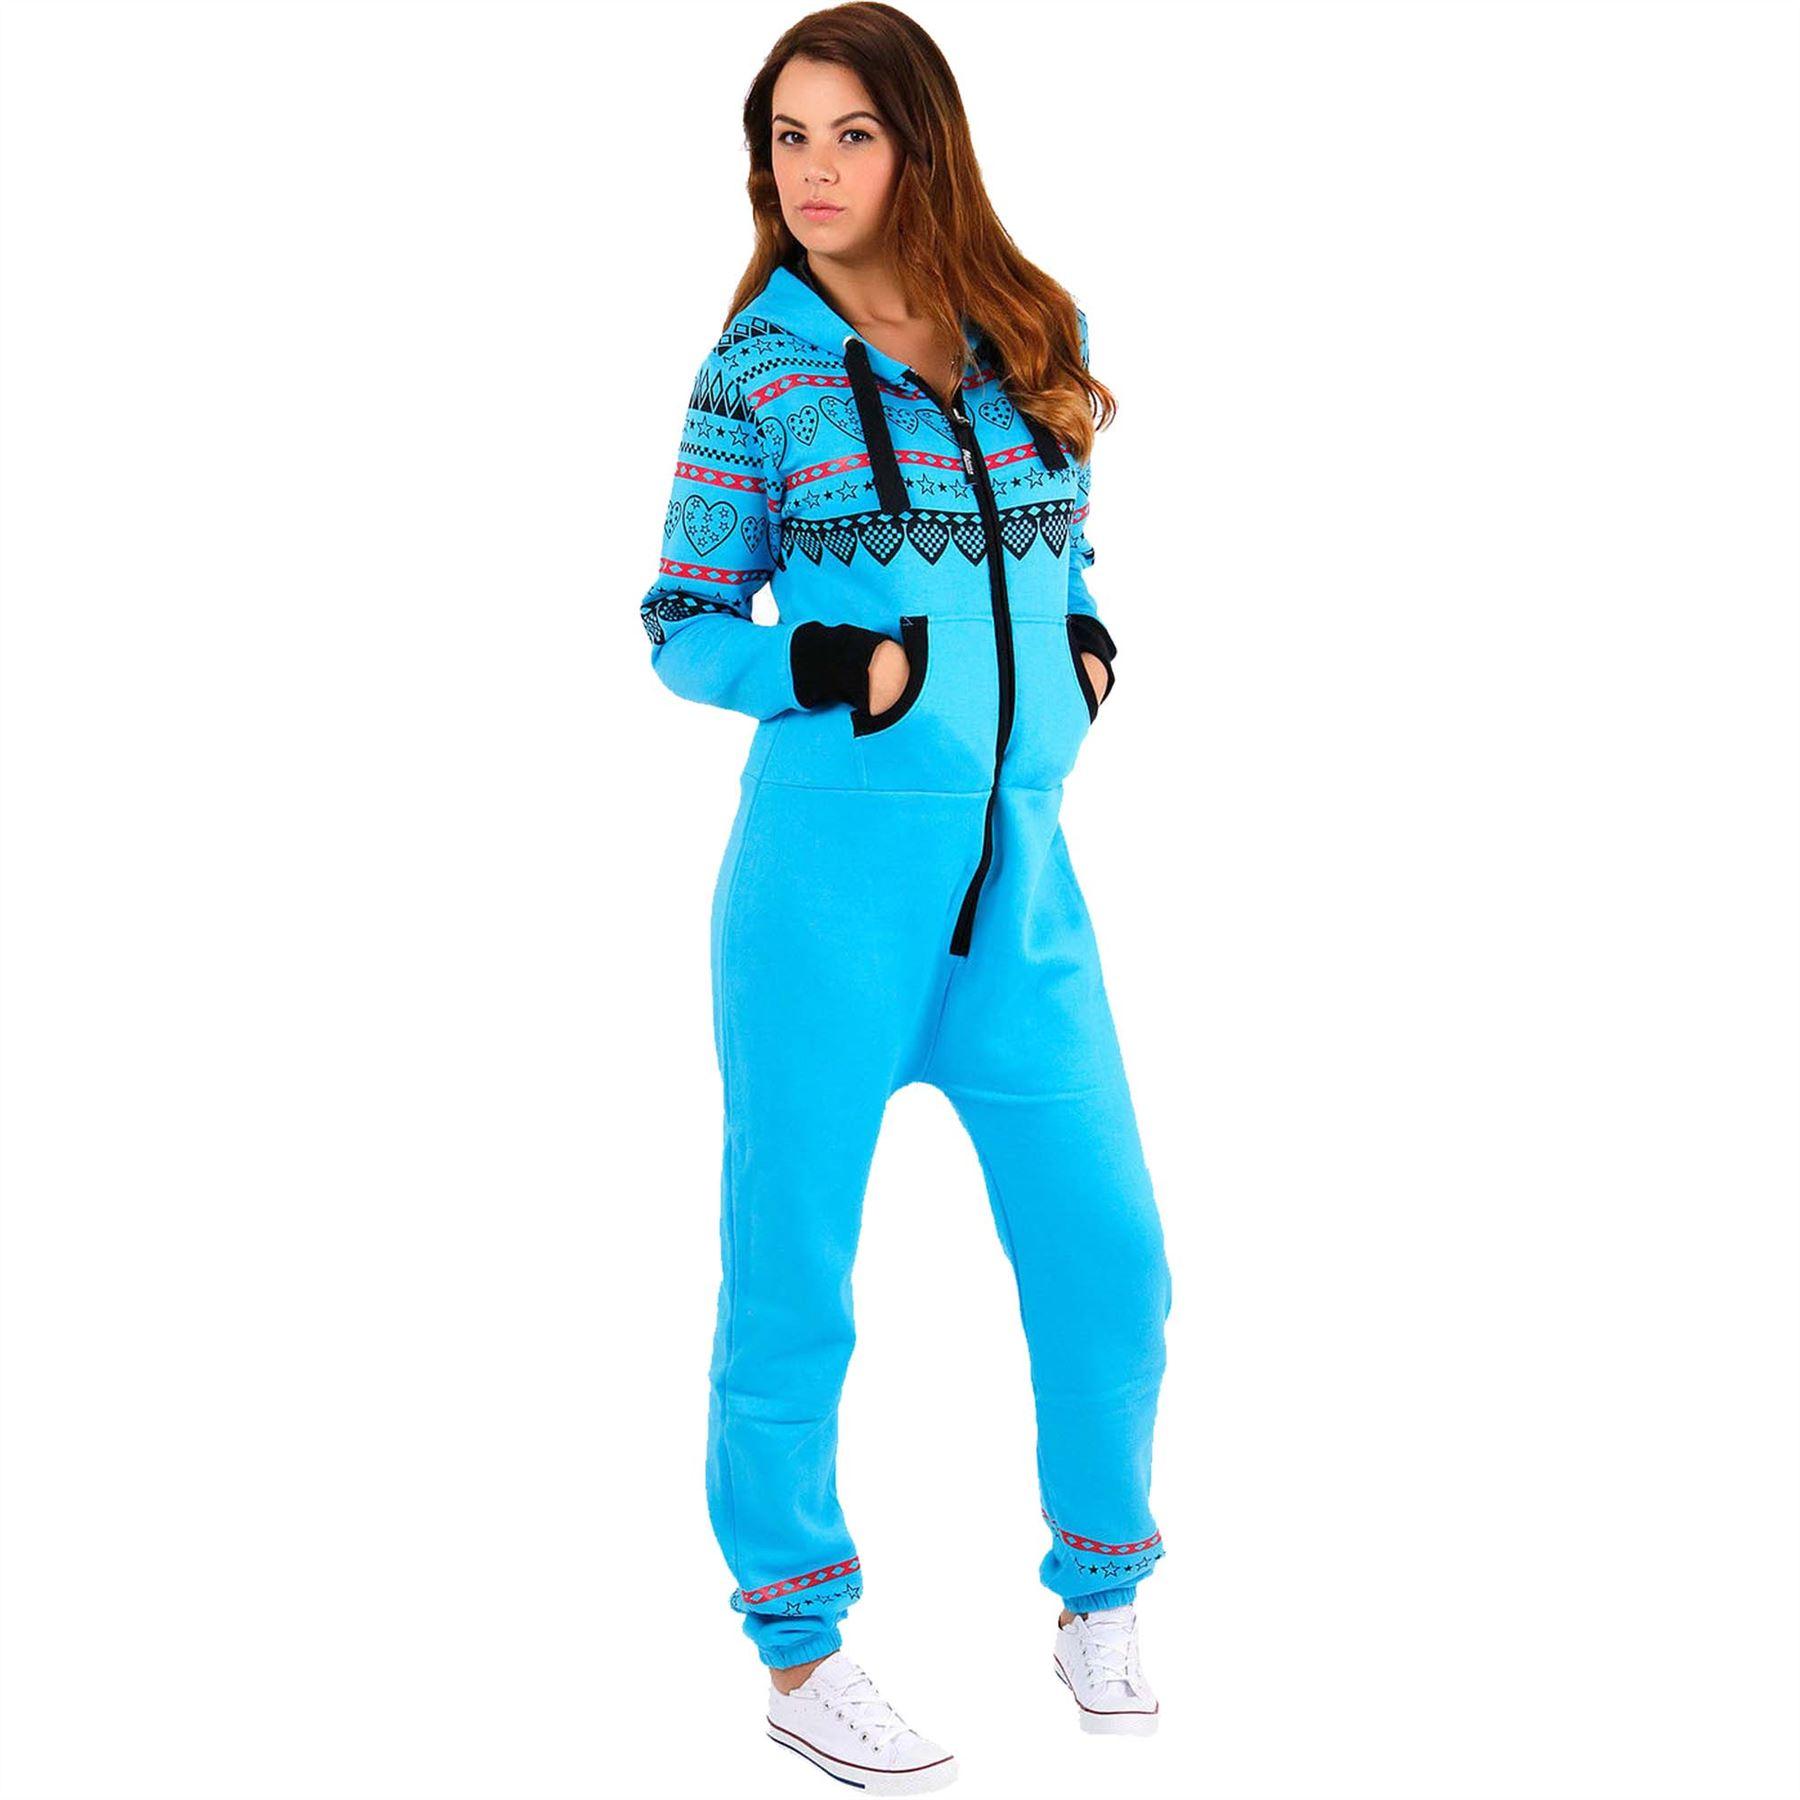 ladies hooded heart print onesie jumpsuit womens playsuit. Black Bedroom Furniture Sets. Home Design Ideas